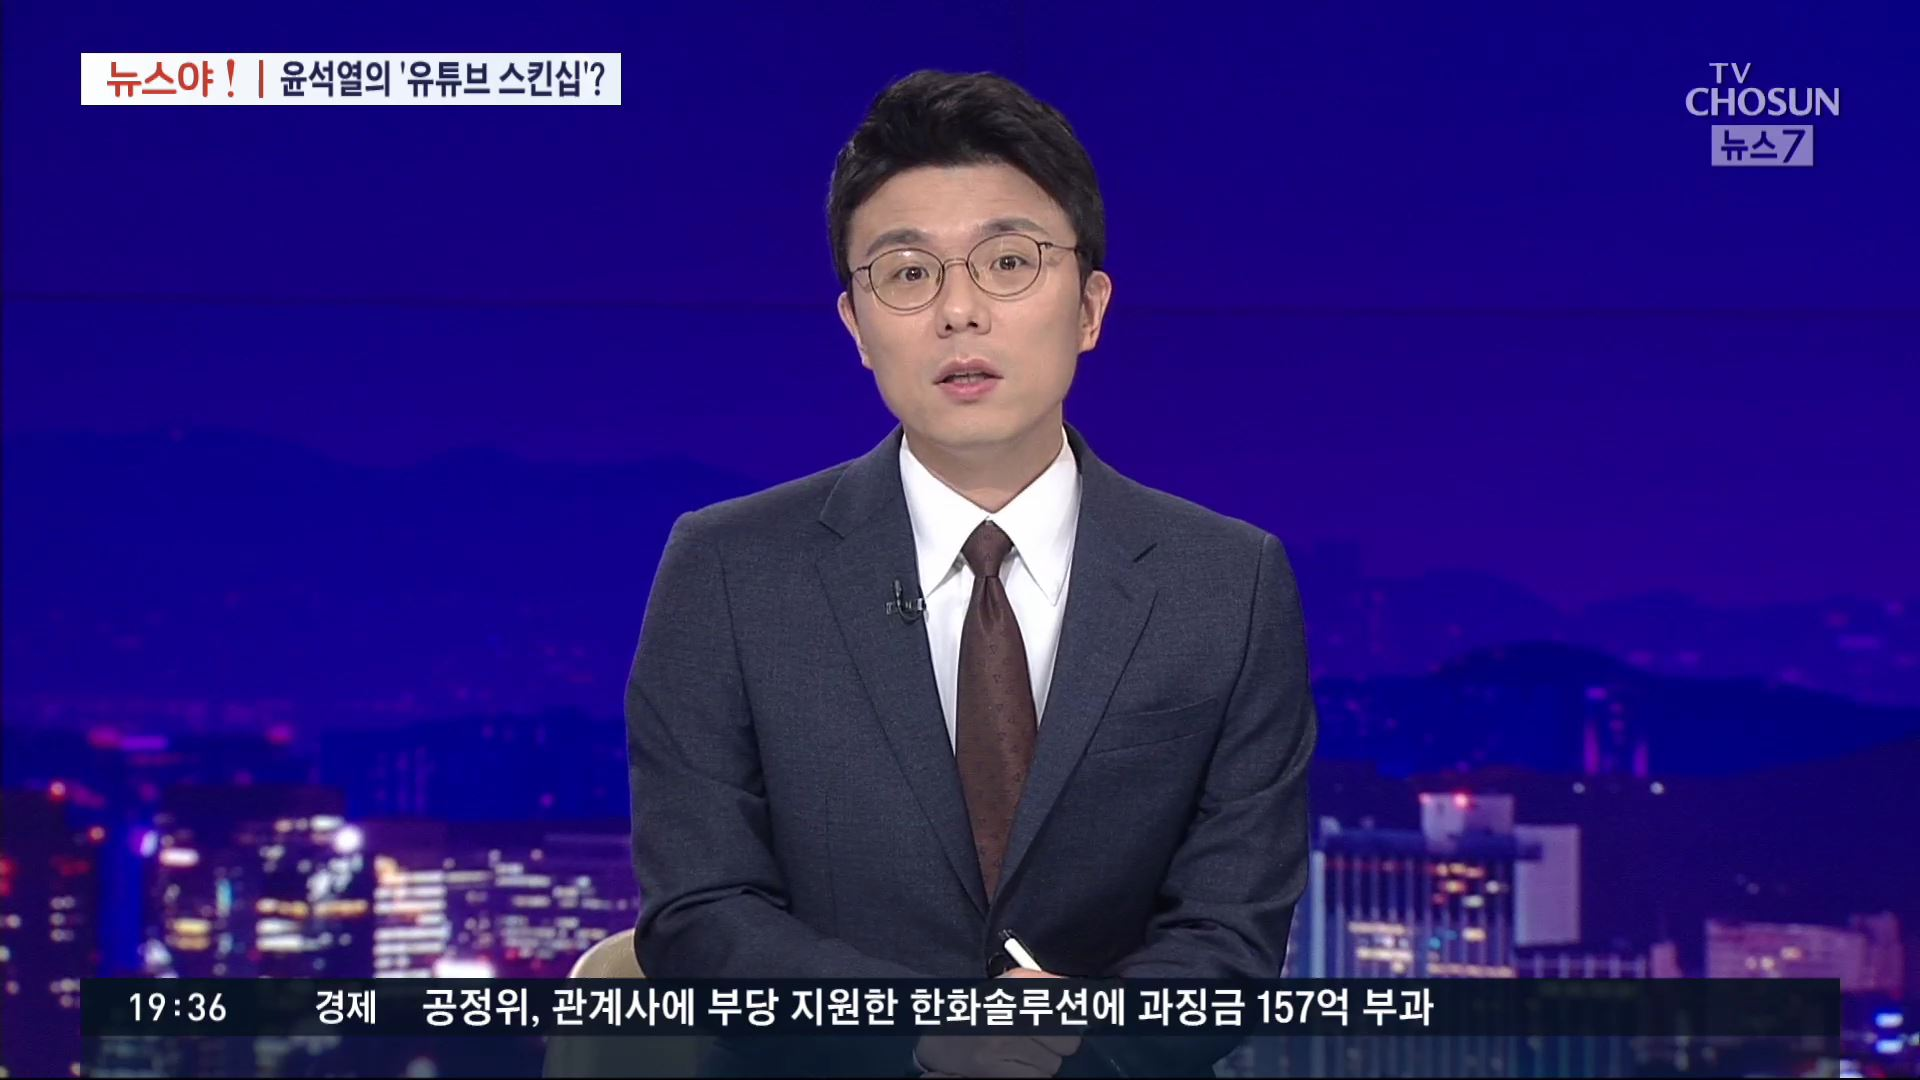 [뉴스야?!] 김경수 재판, 닭갈비는 없었다?